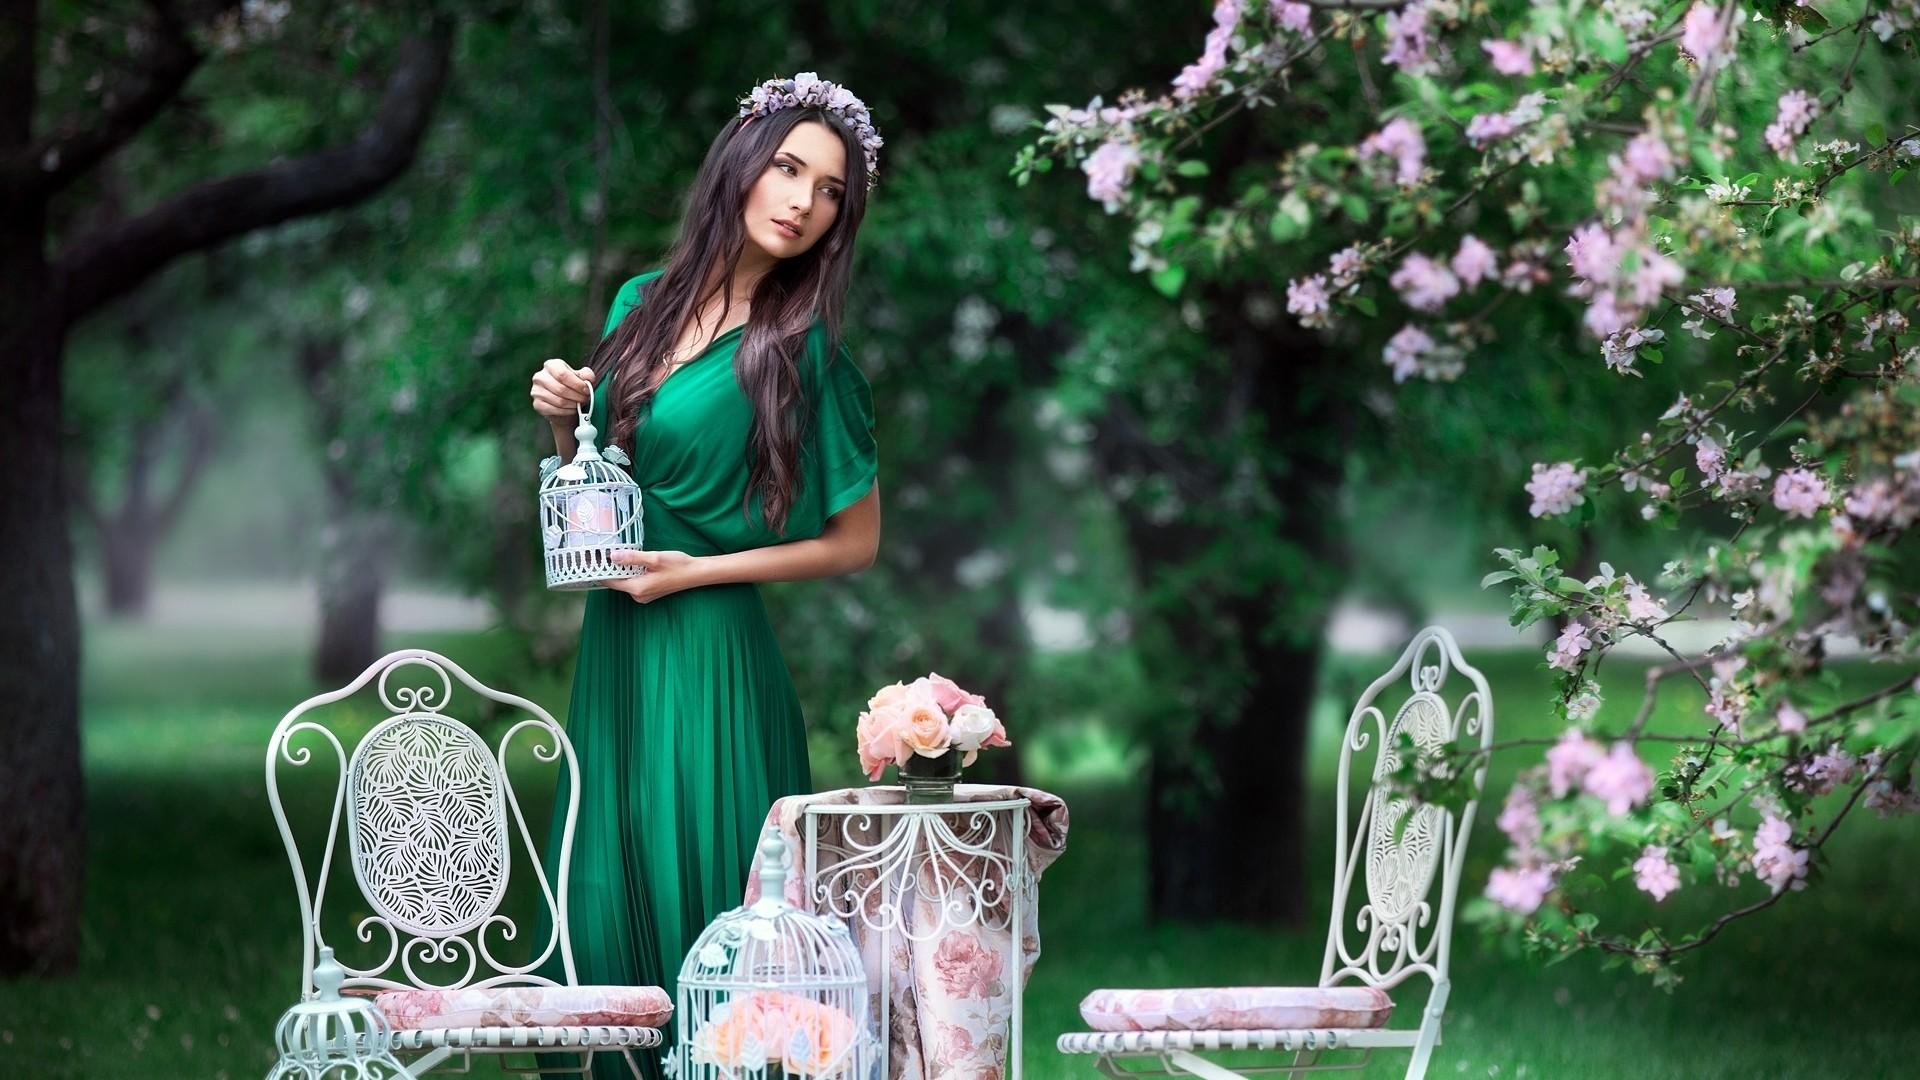 полуденный идеи фотосессии в цветочном платье рыбинске дата